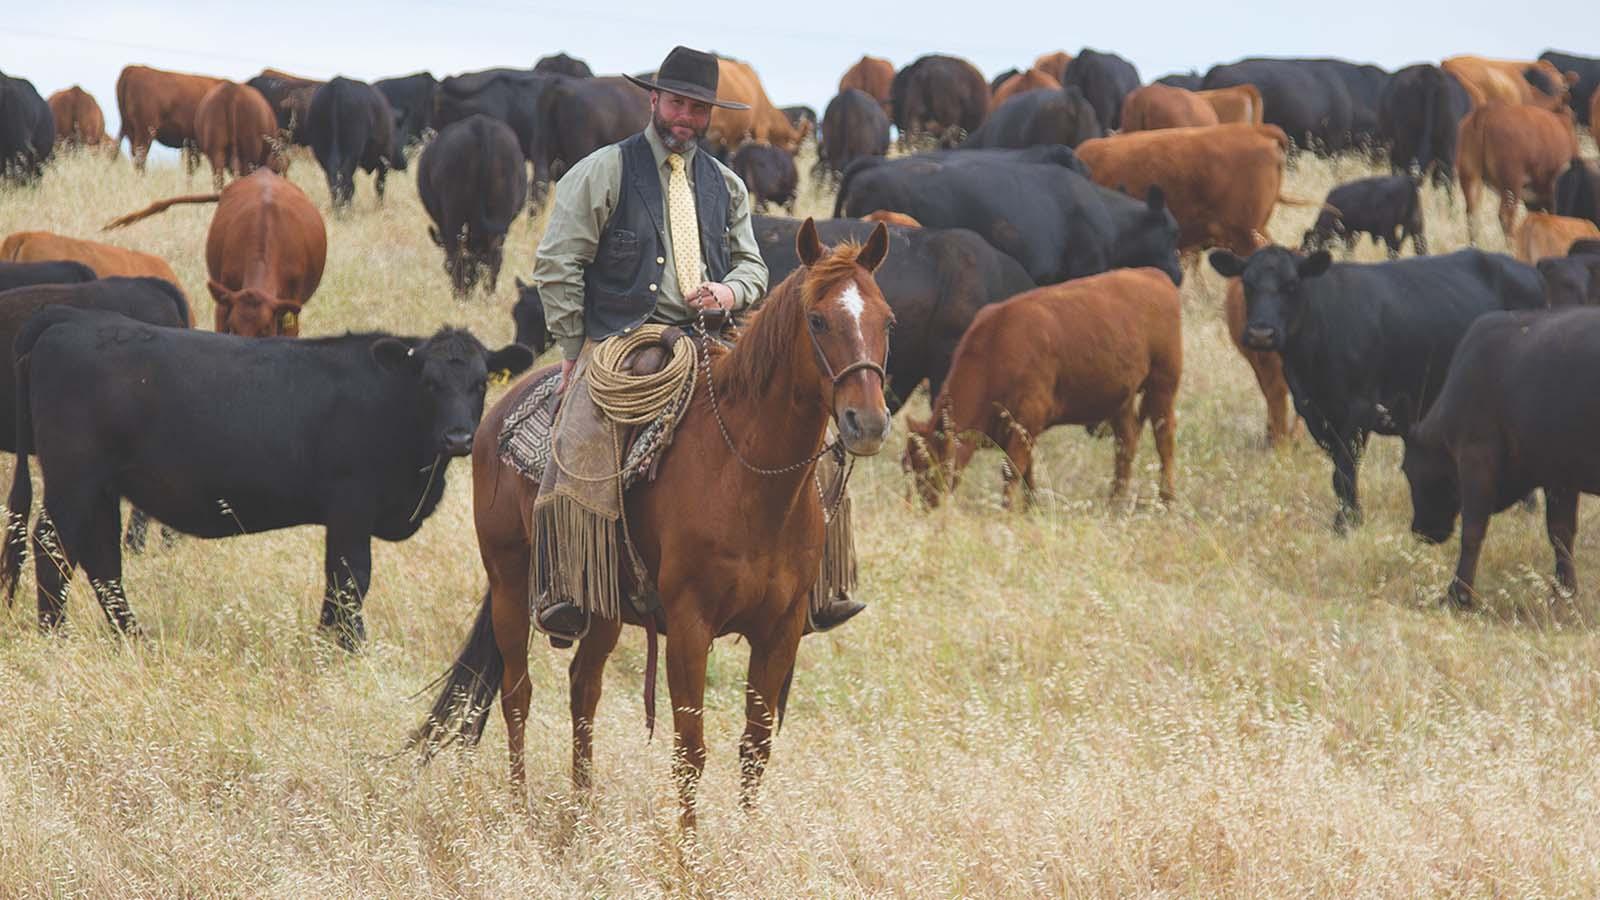 Jeffrey Mundell works cattle